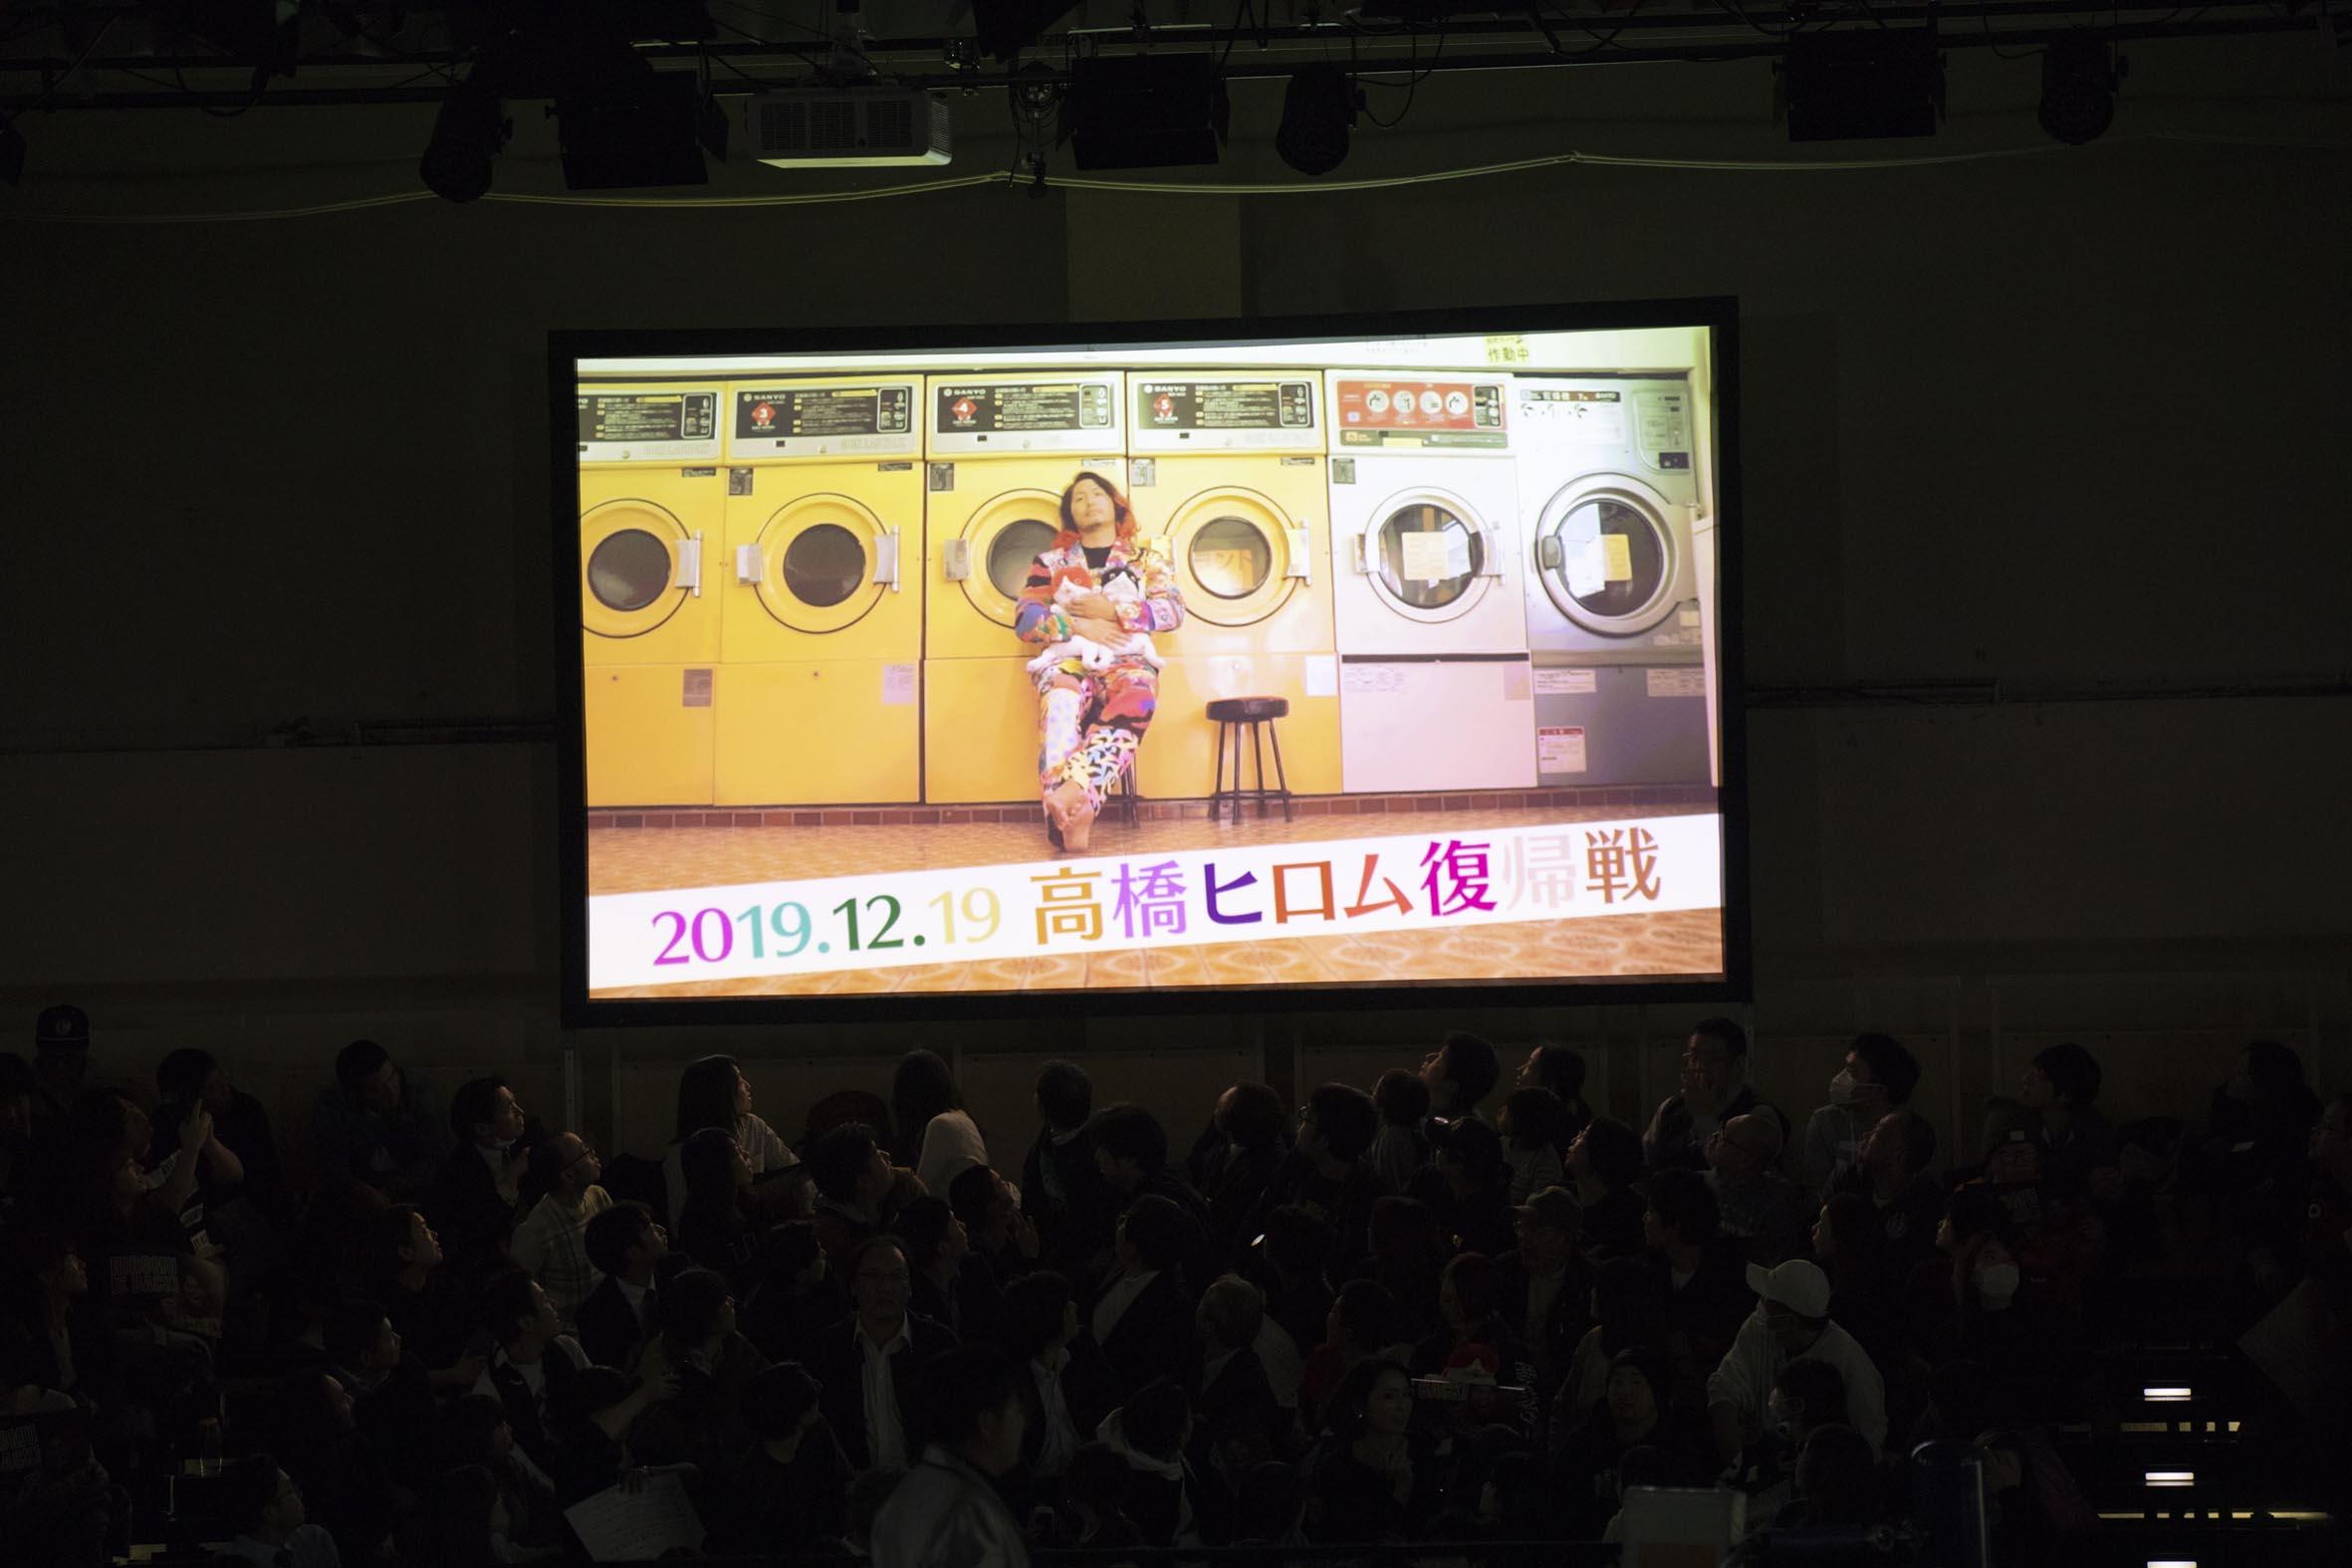 高橋ヒロム選手の煽り映像